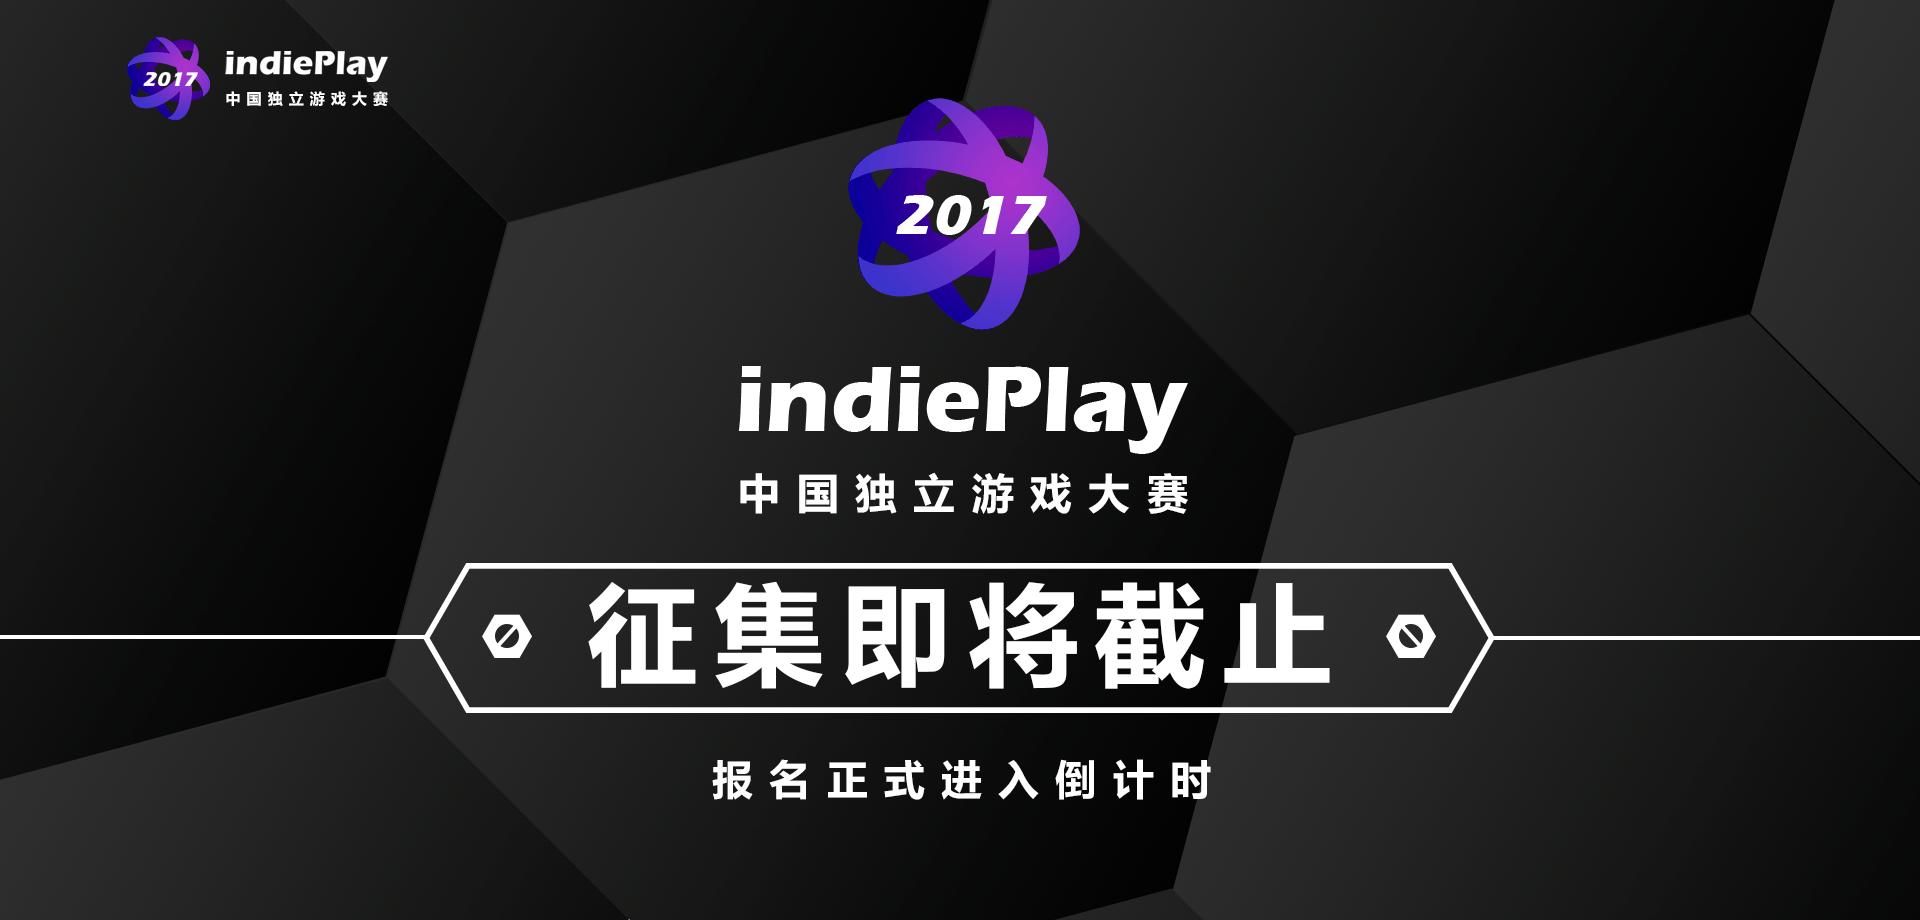 2017 indiePlay 中国独立游戏大赛报名进入倒计时